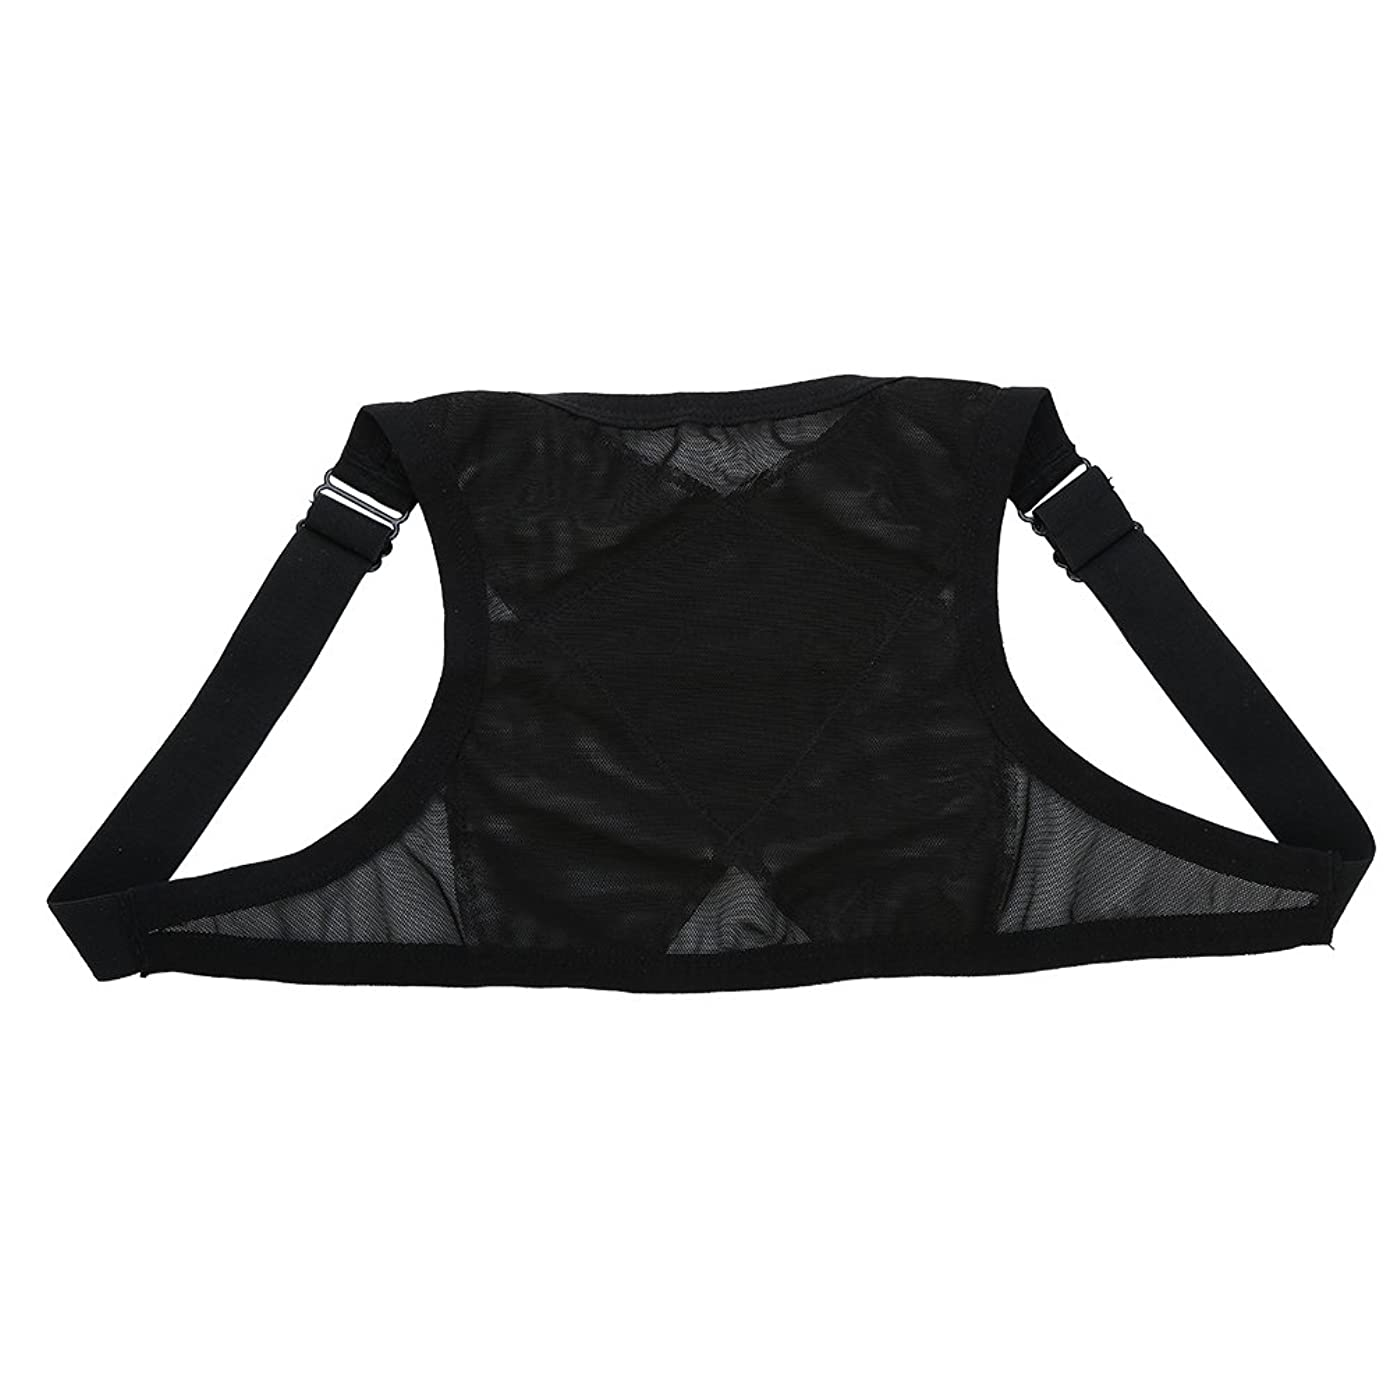 聖職者全滅させる散文姿勢矯正具、整形外科用矯正具、肩の体位の矯正、整形外科用こぶの軽減のための包帯矯正具、青年用(L)